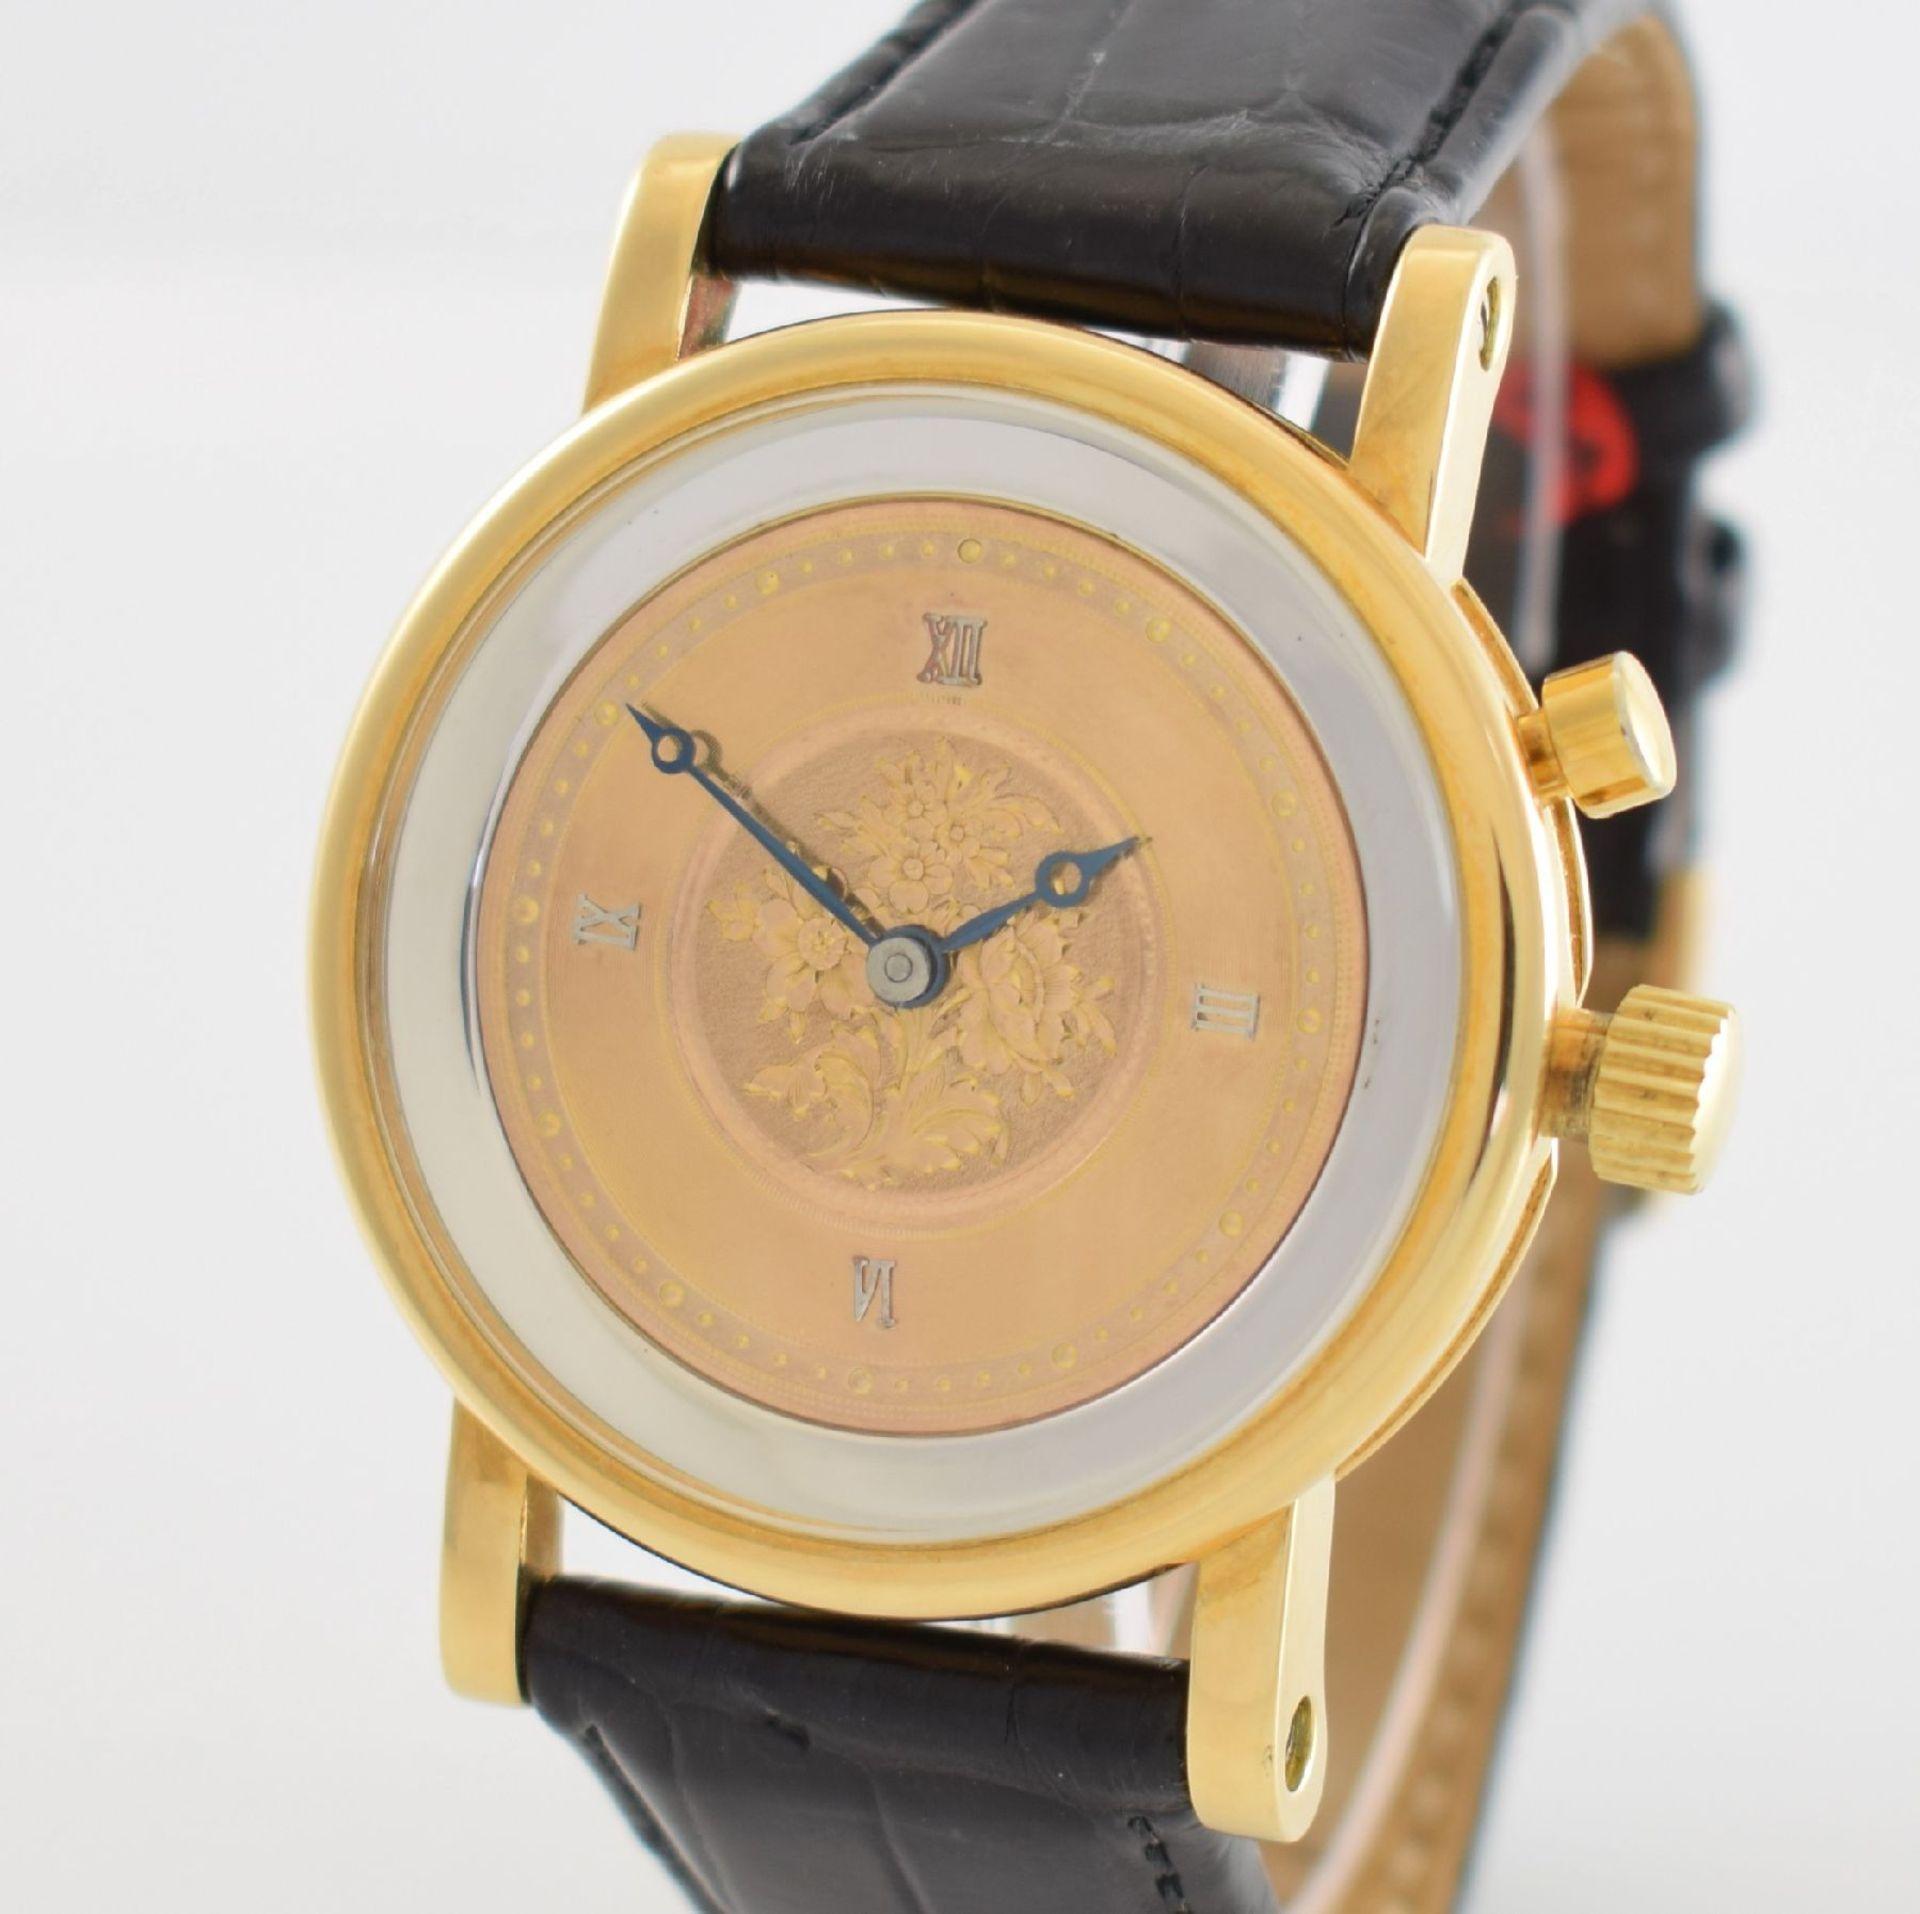 Taschenuhrwerk mit 1/4 Repetition umgebaut zur Armbanduhr in GG 750/000 Gehäuse, Handaufzug, - Bild 4 aus 9